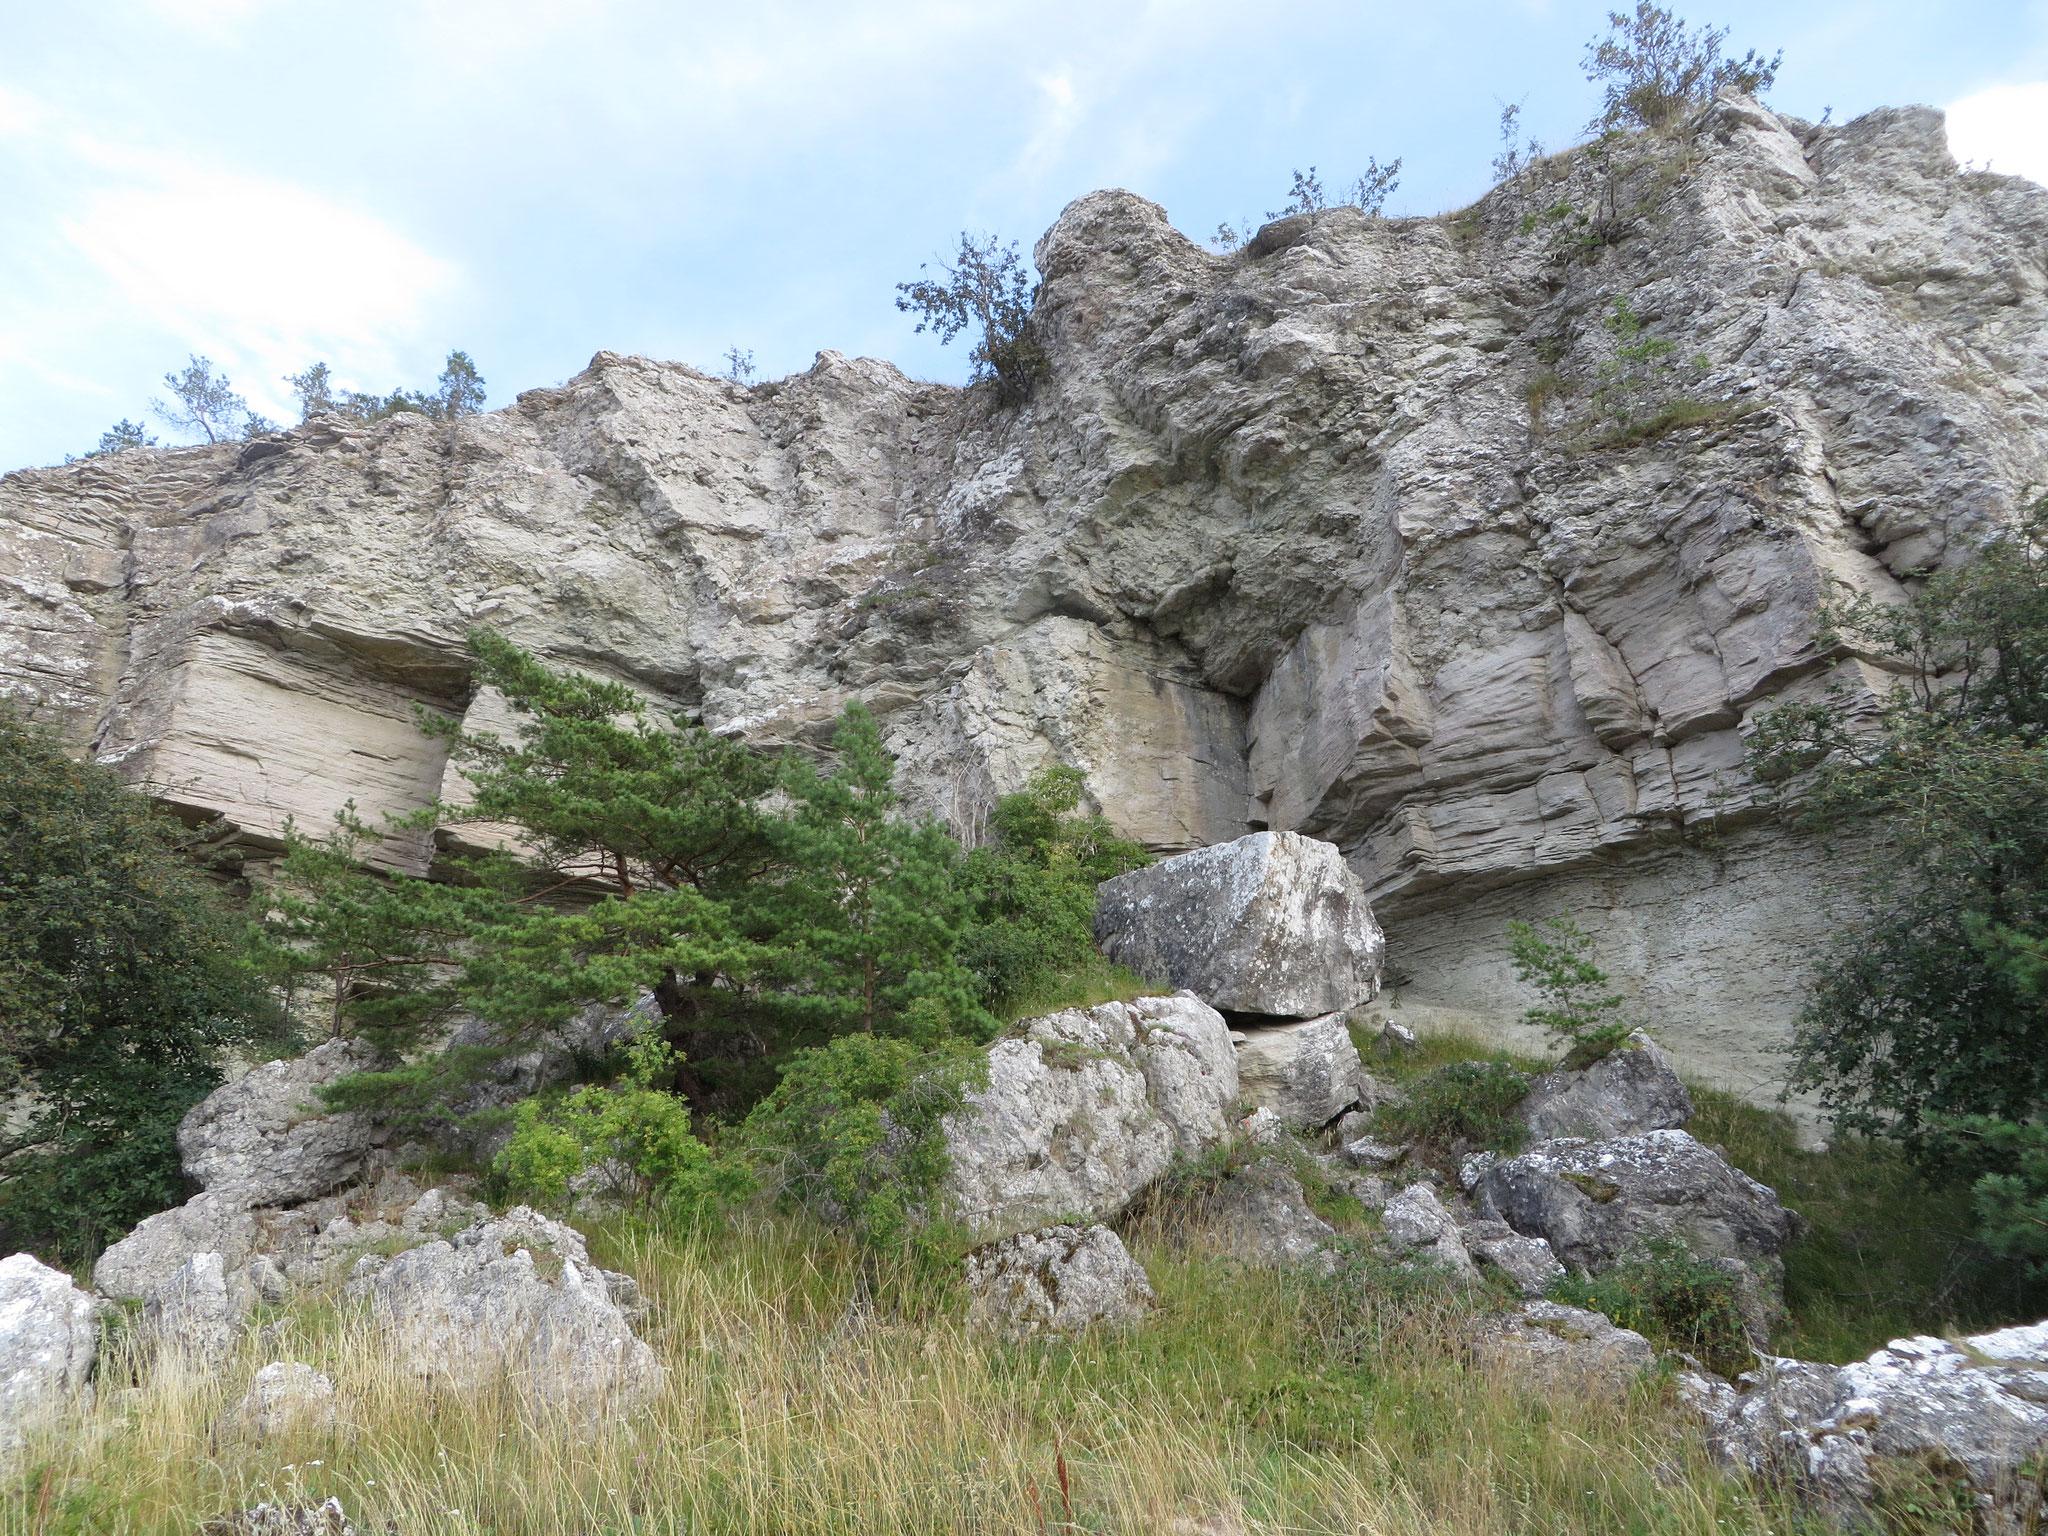 Klippen nördlich von Visby/Gotland